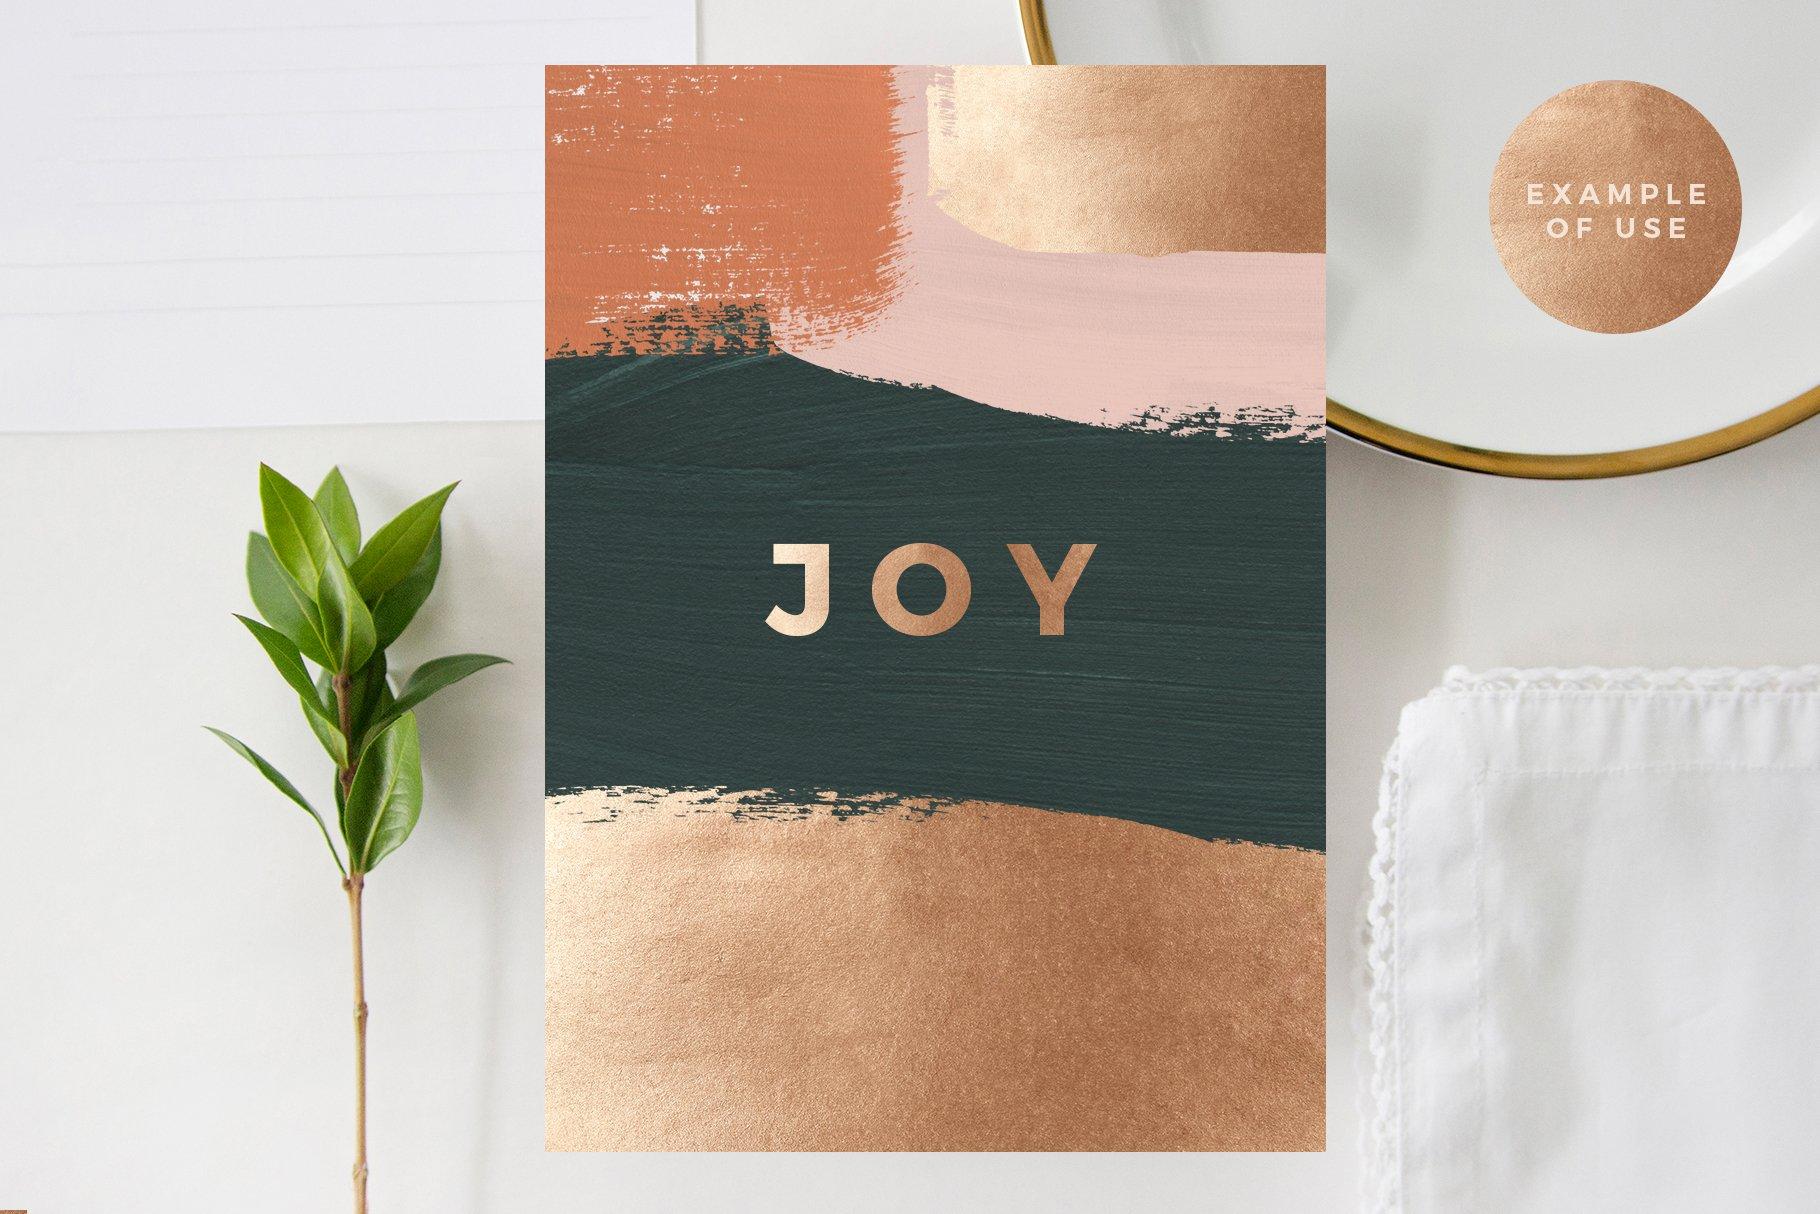 [淘宝购买] 时尚优雅抽象多彩丙烯酸颜料笔刷肌理背景PNG图片素材 Painterly Shapes & Backgrounds插图(7)